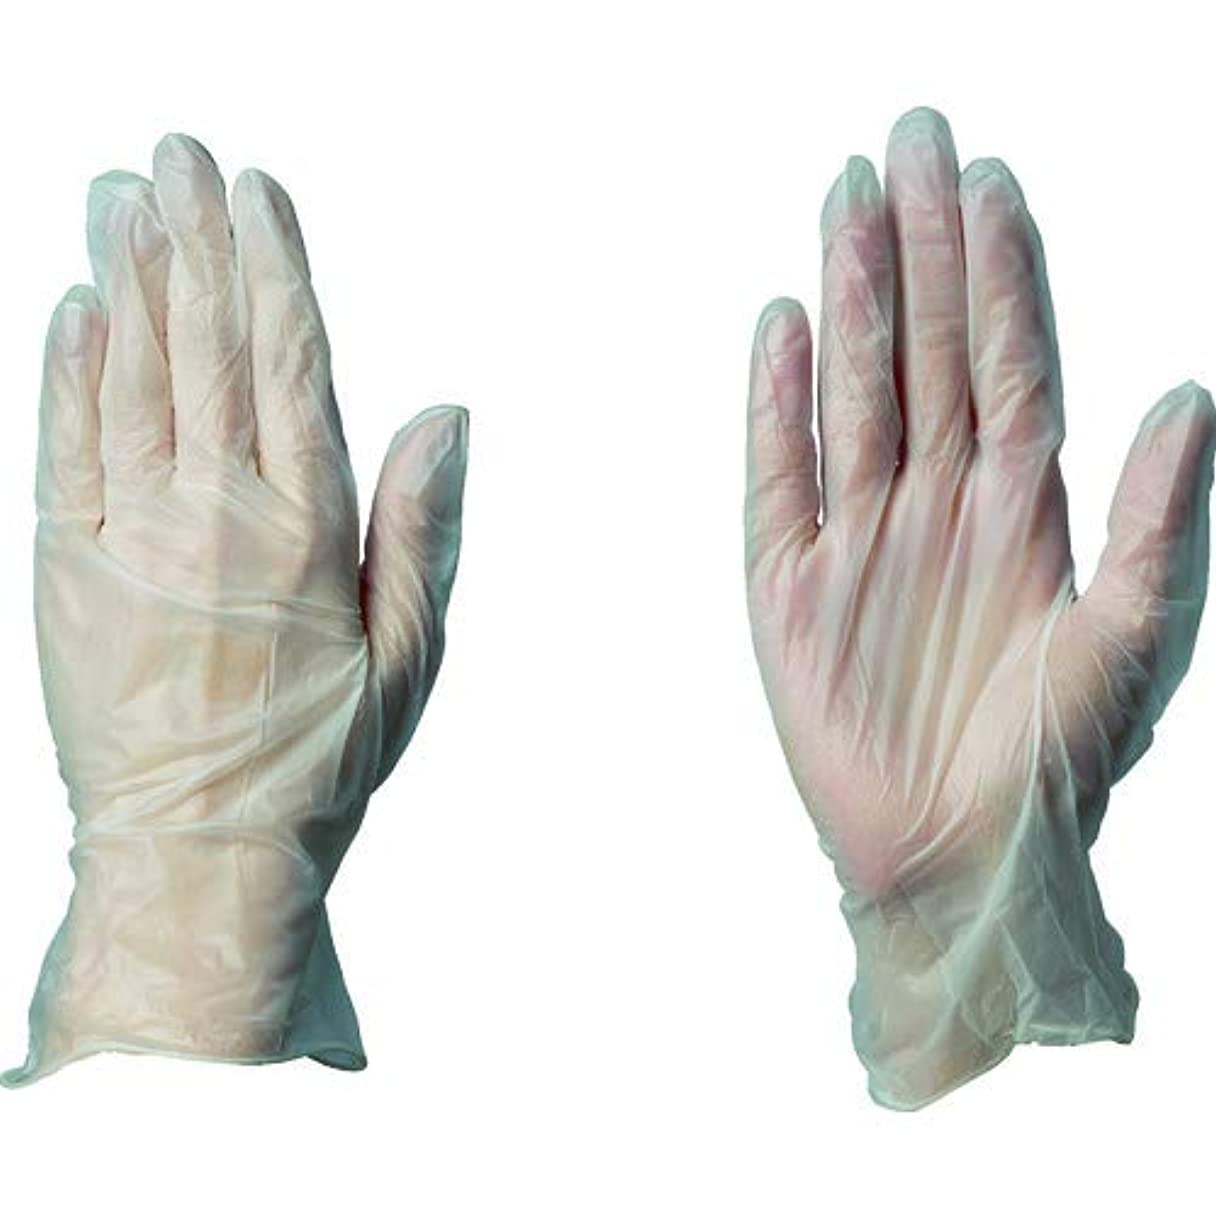 鎮静剤ショップファームハクゾウプラスチックグローブMFPF L(80マイ) ハクゾウメディカル